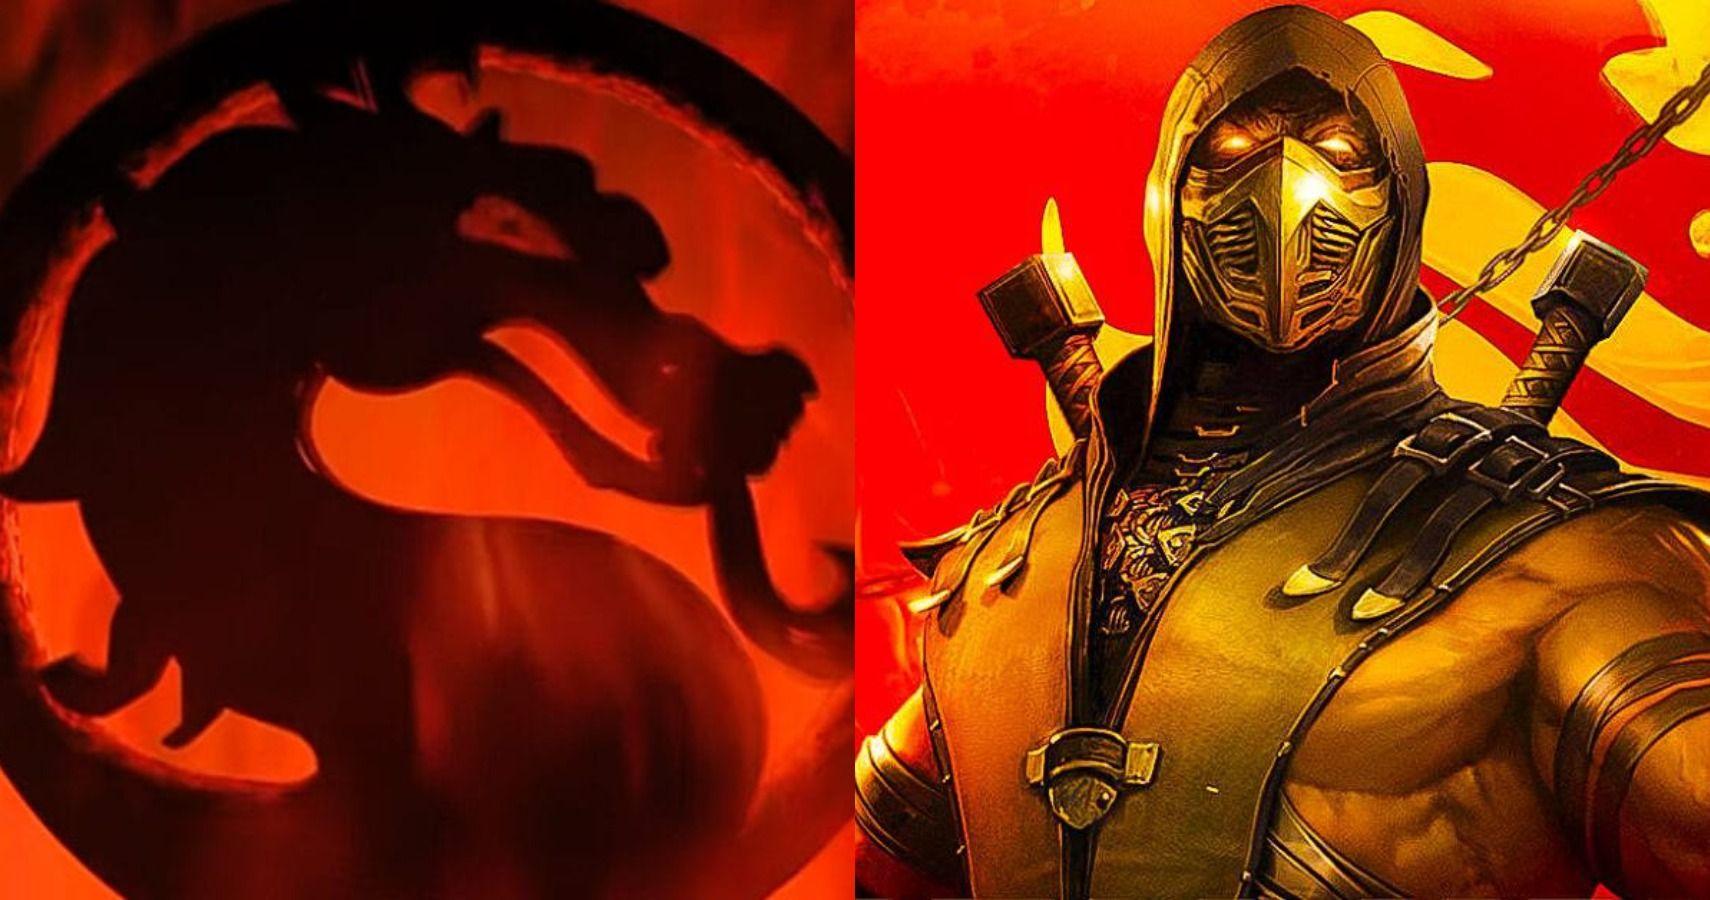 Mortal Kombat Scorpion S Revenge Vs Mk 1995 Which Is The Better